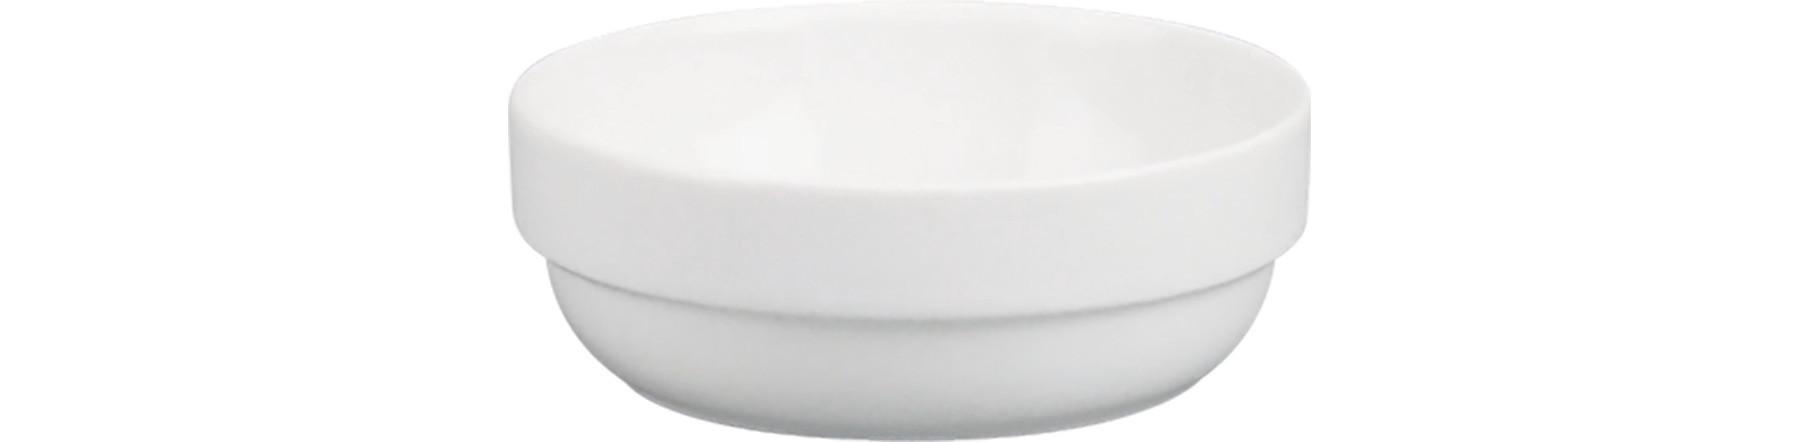 898/598, Salat rund ø 169 mm / 0,90 l Form 898